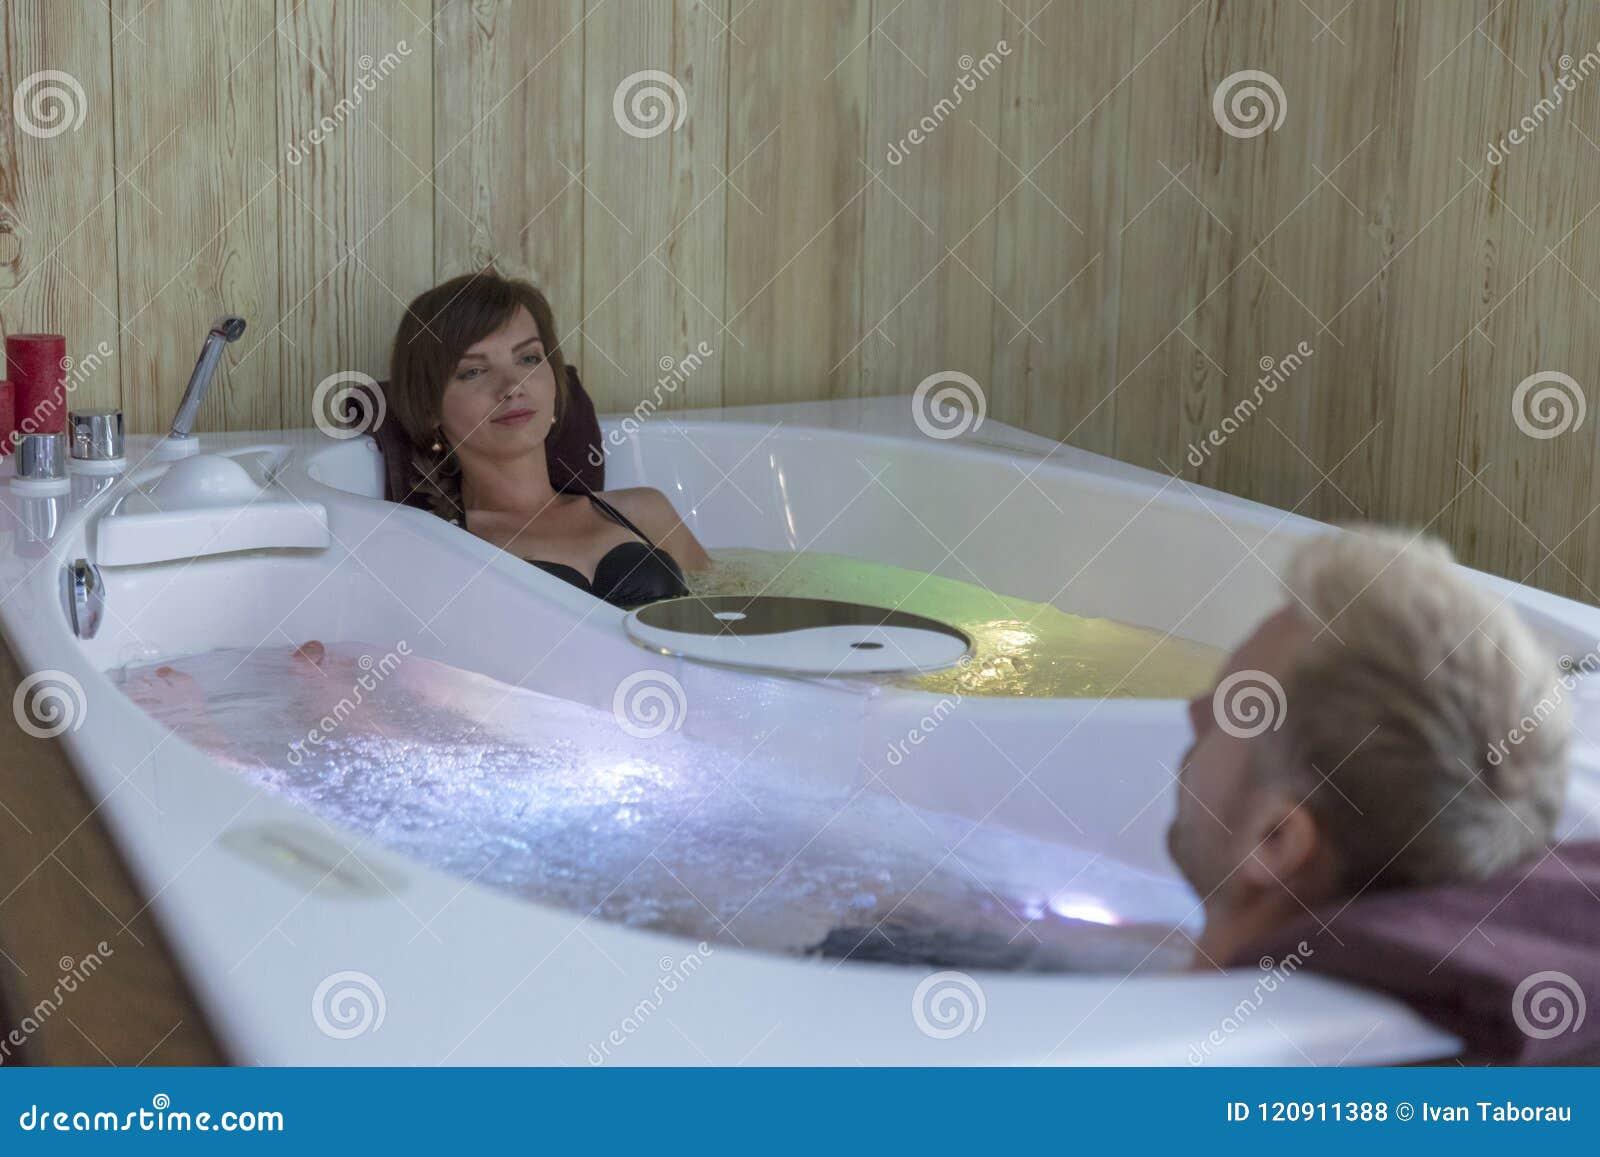 Νέο ευτυχές ζεύγος που απολαμβάνει το λουτρό στο τζακούζι - ζεύγος των εραστών σε μια λίμνη τζακούζι